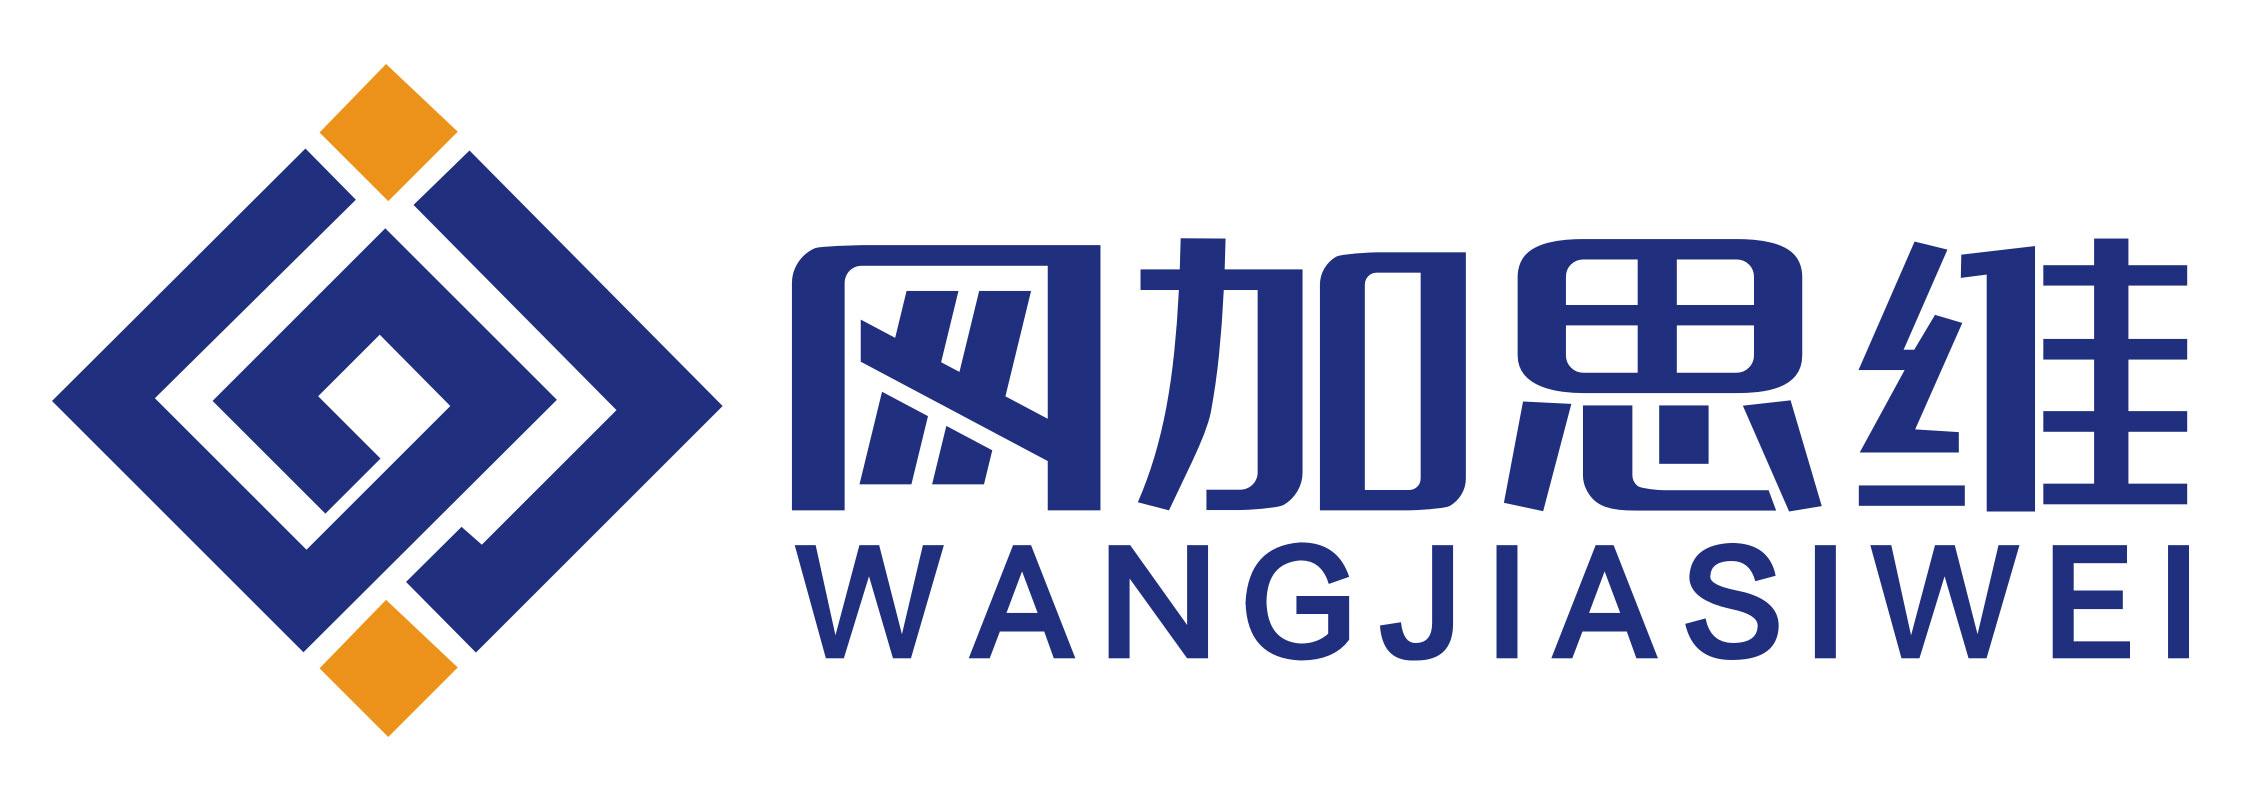 河北省网加思维网络科技有限公司2